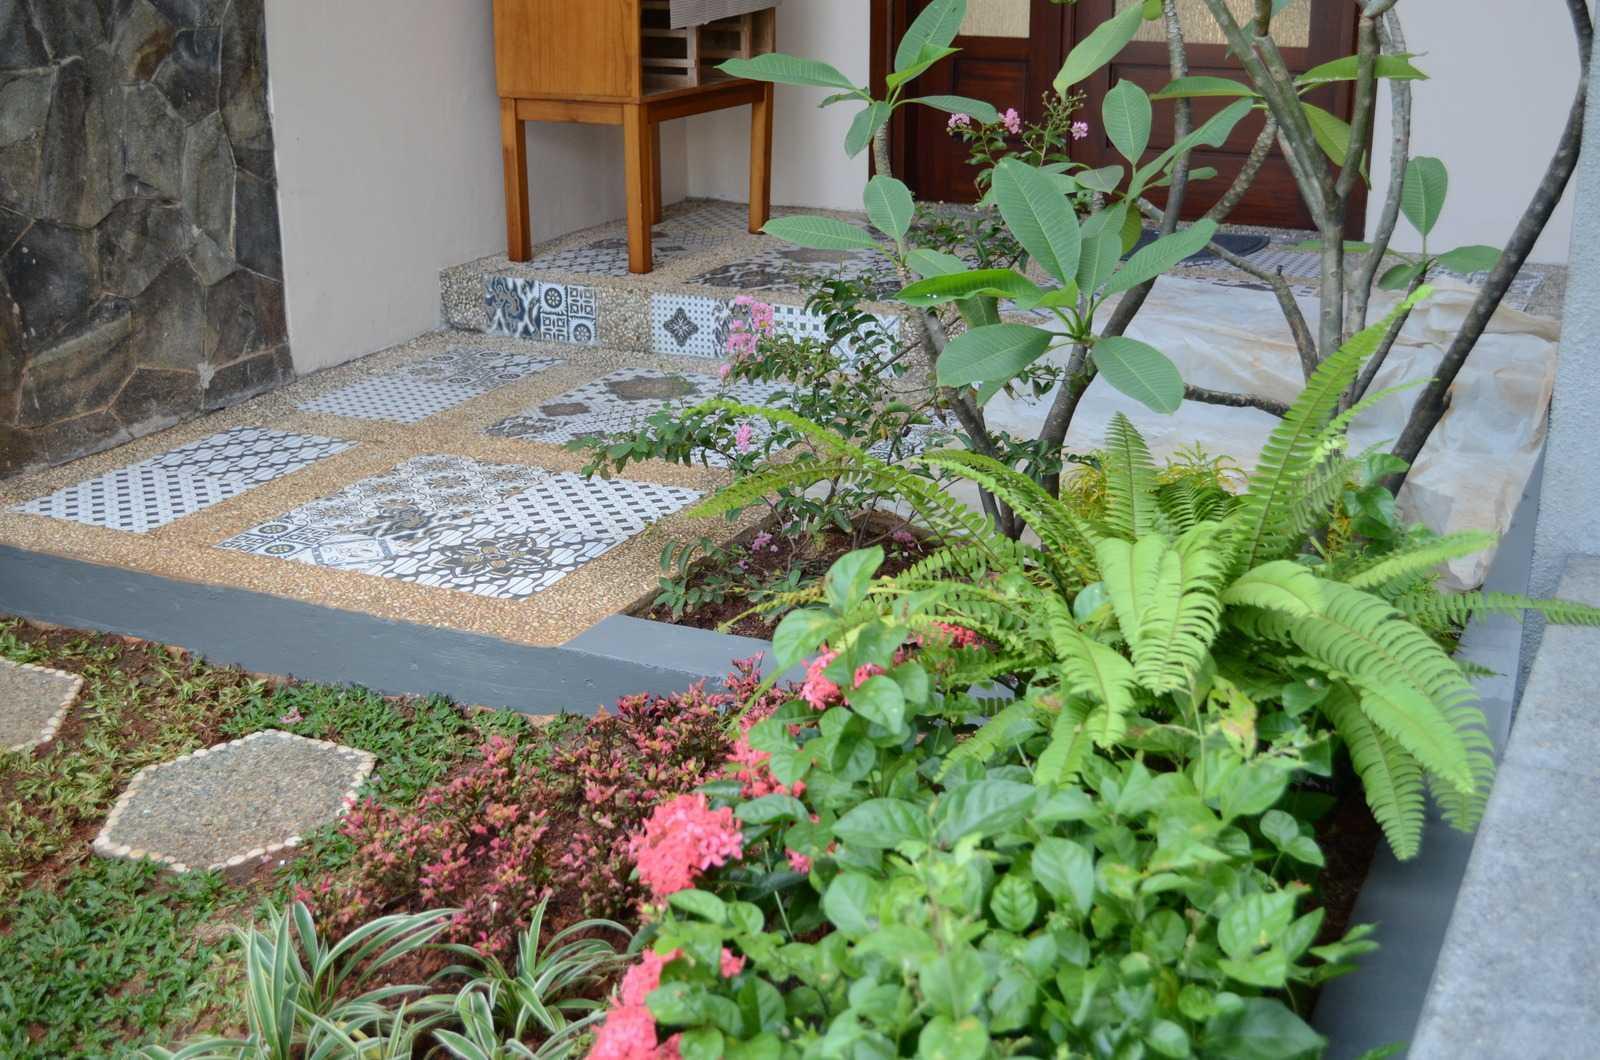 X3M Architects Nittaya A3 12 House Bsd, Tangerang Bsd, Tangerang Dsc0556 Tropis  28207